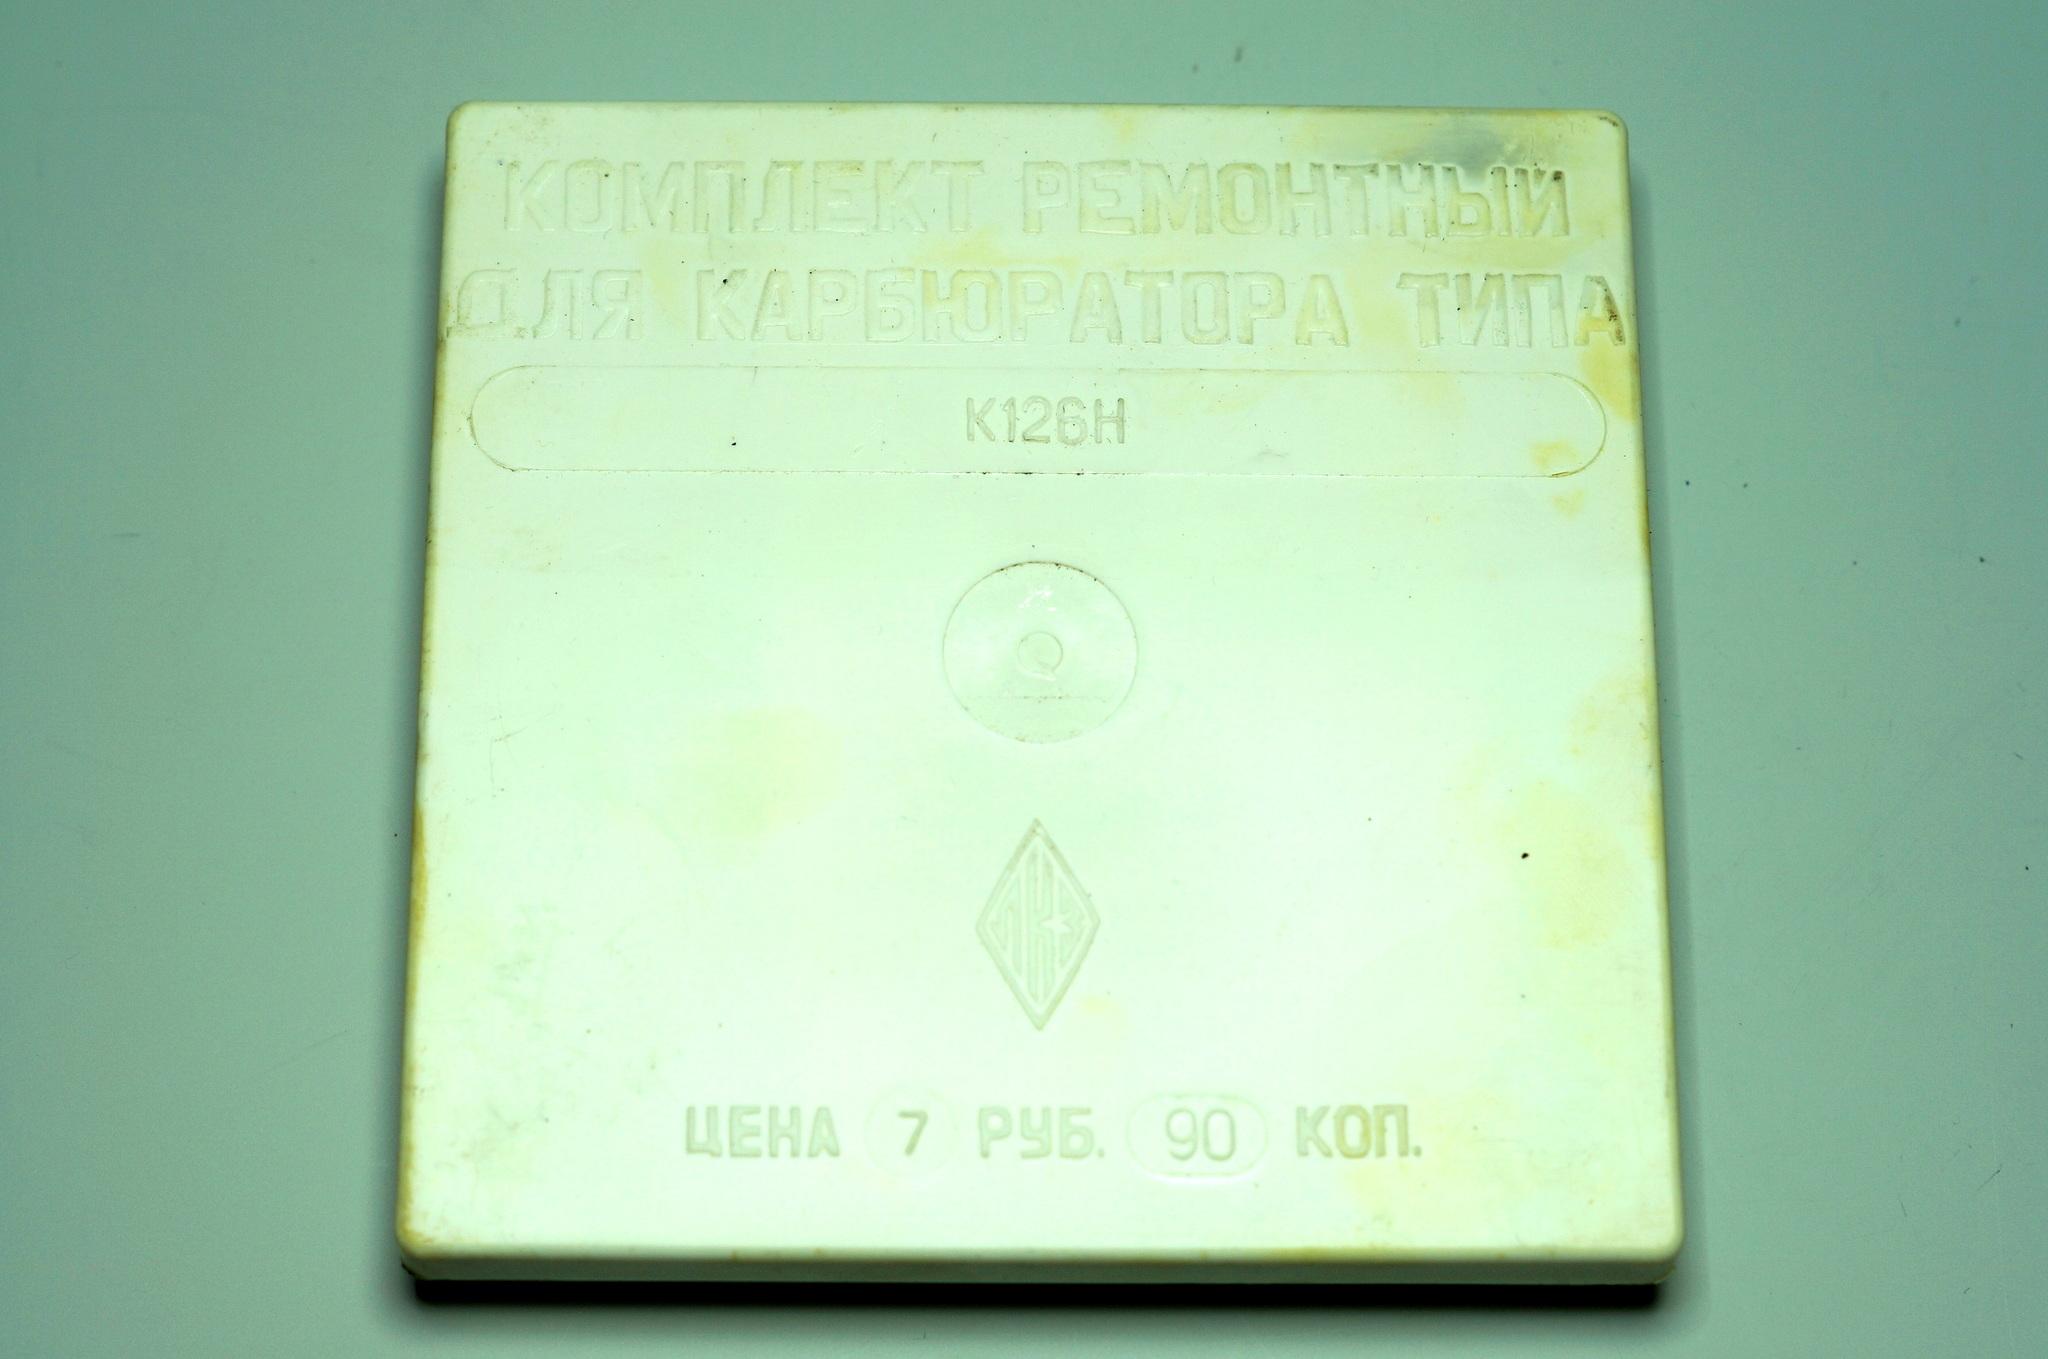 Ремкомплект карбюратора К126Н